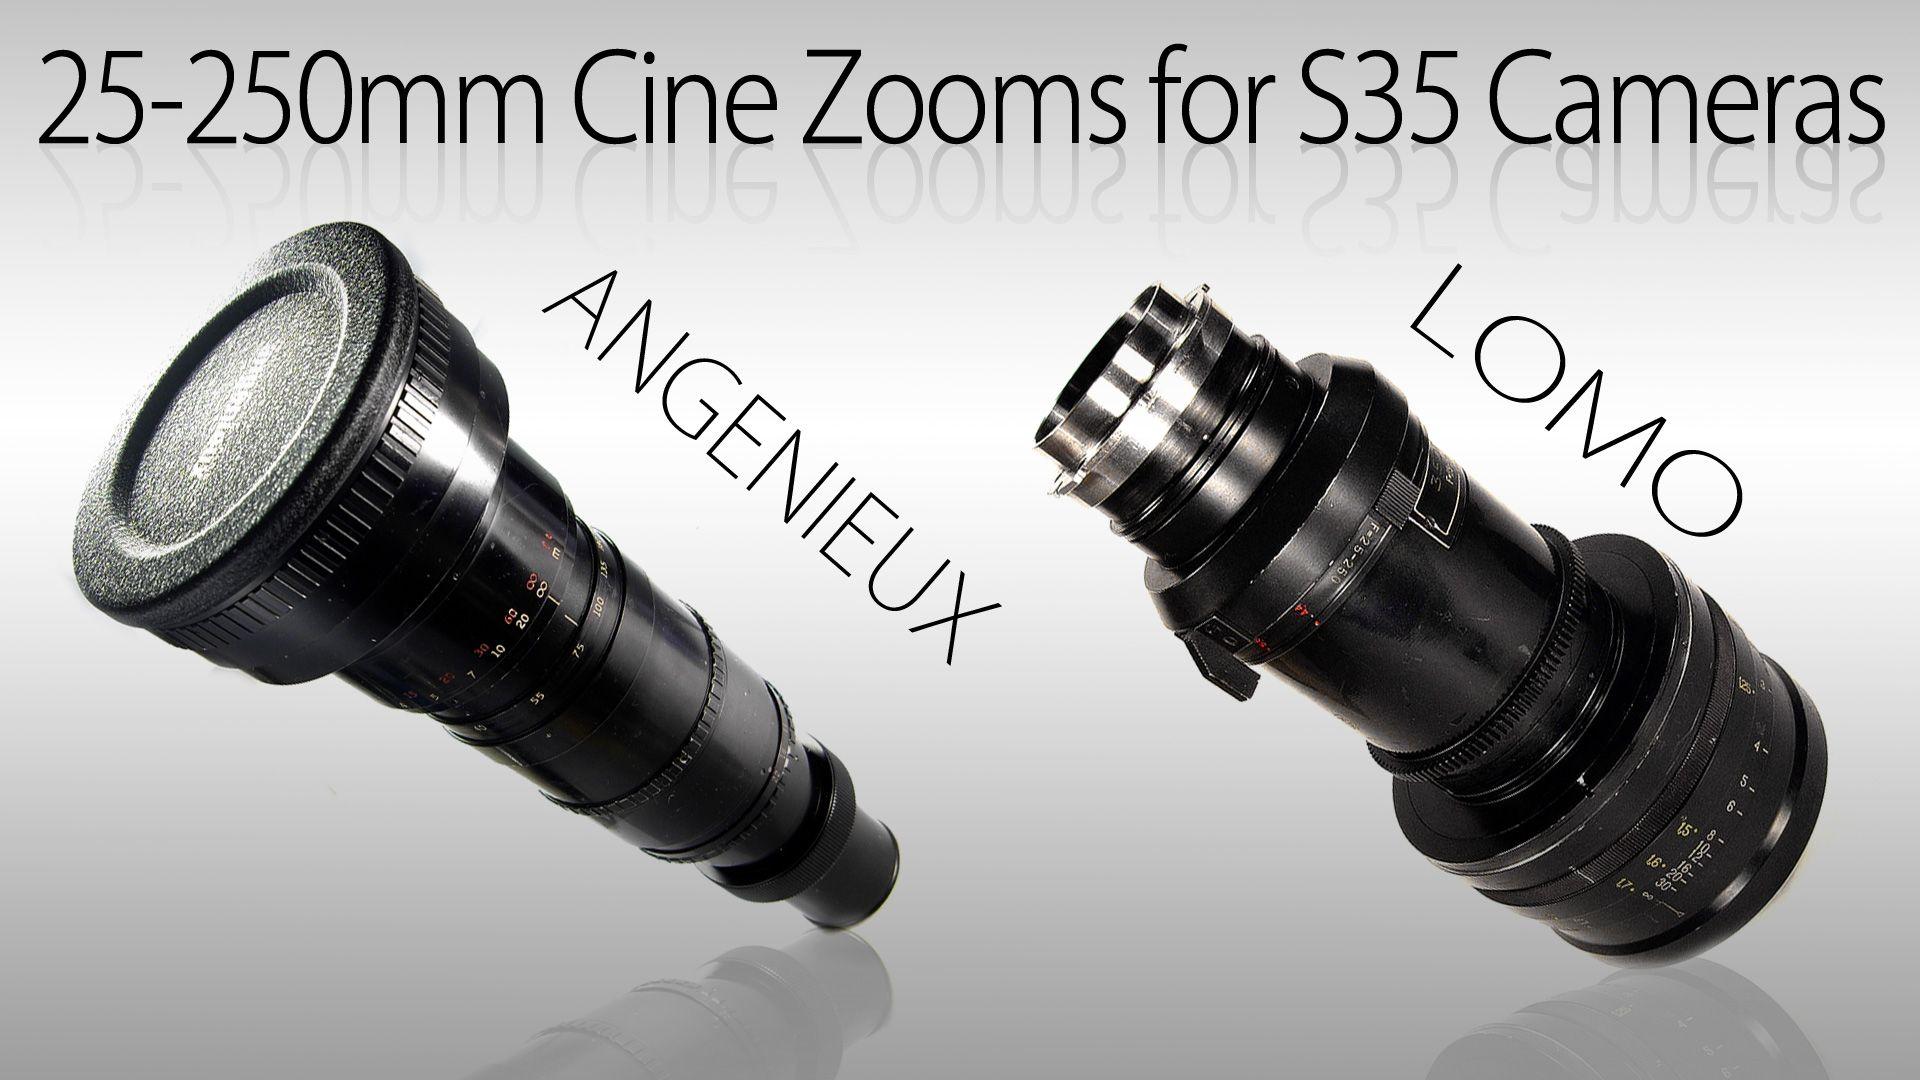 25 250mm Cine Zooms For S35 Cameras Vintage Lenses For Video Vintage Lenses Vintage Cameras Camera